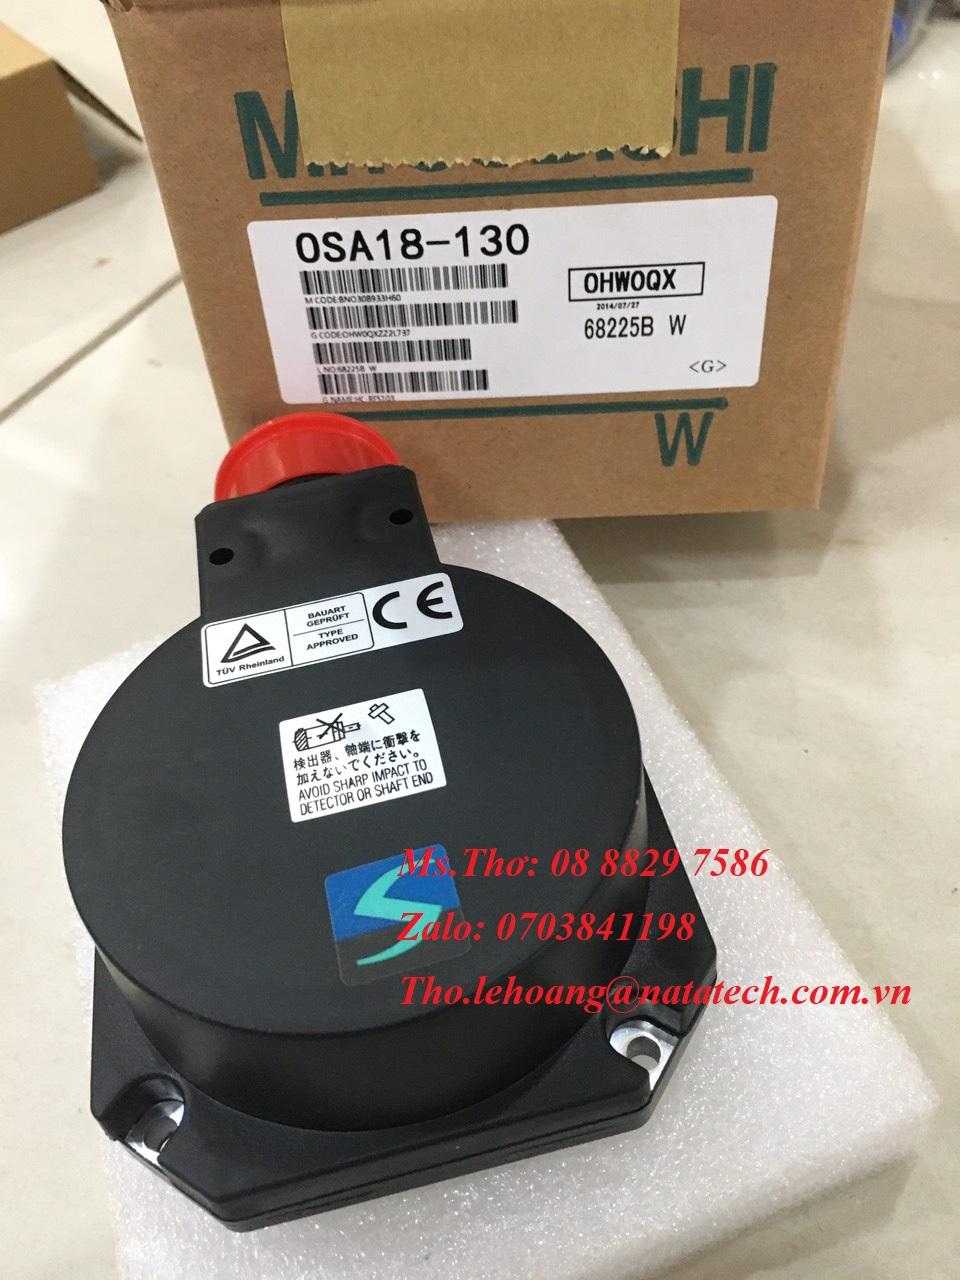 1 Encoder Mitsubishi OSA18-130 - Công Ty TNHH Natatech